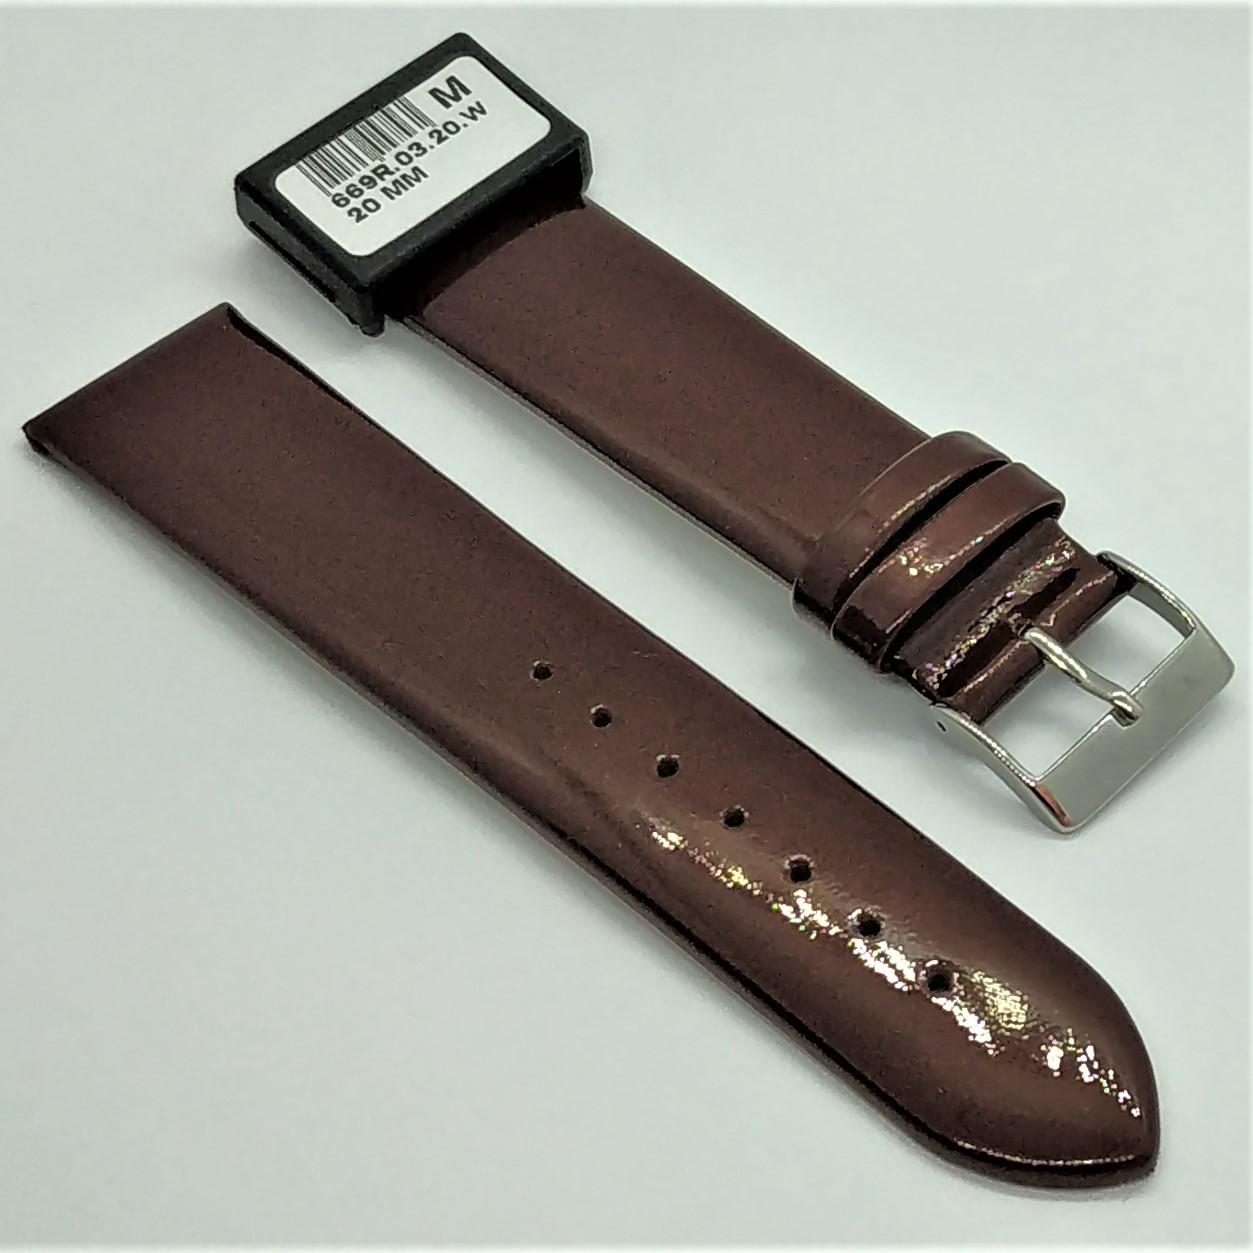 20 мм Кожаный Ремешок для часов CONDOR 669.20.03 Коричневый Ремешок на часы из Натуральной кожи